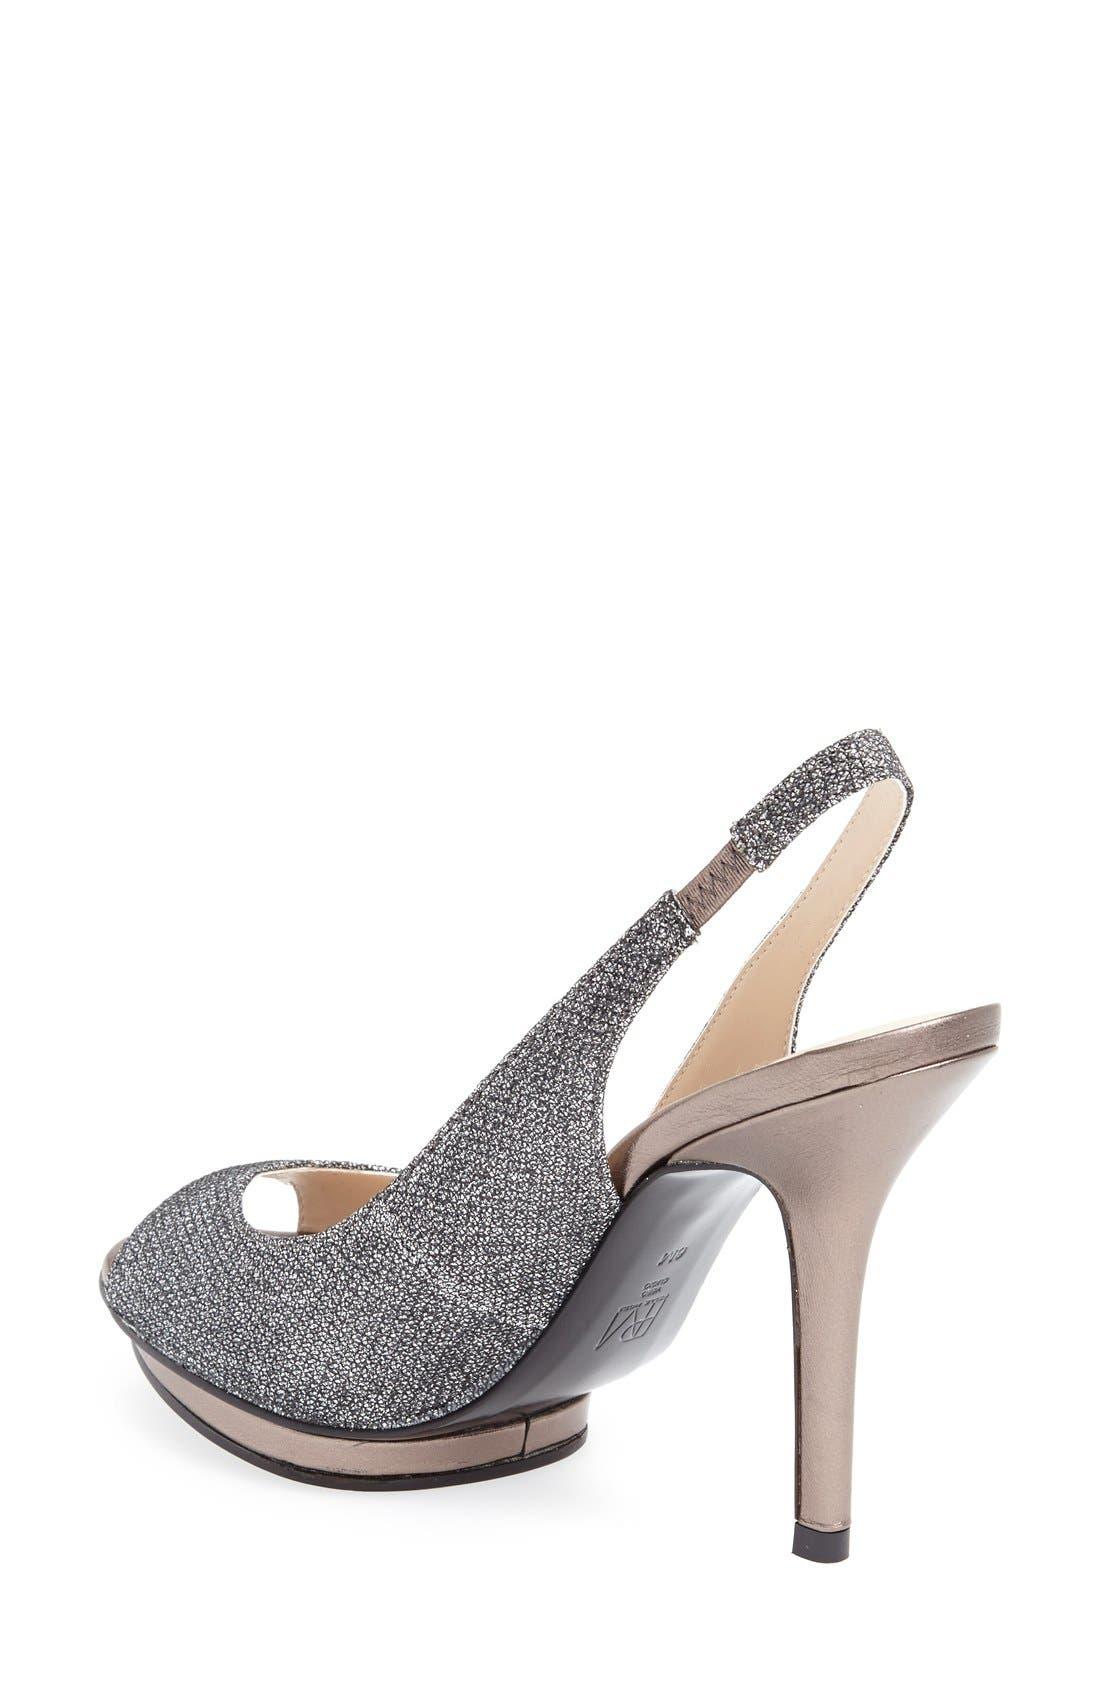 Alternate Image 2  - Pelle Moda 'Rivka' Open Toe Platform Slingback Sandal (Women)